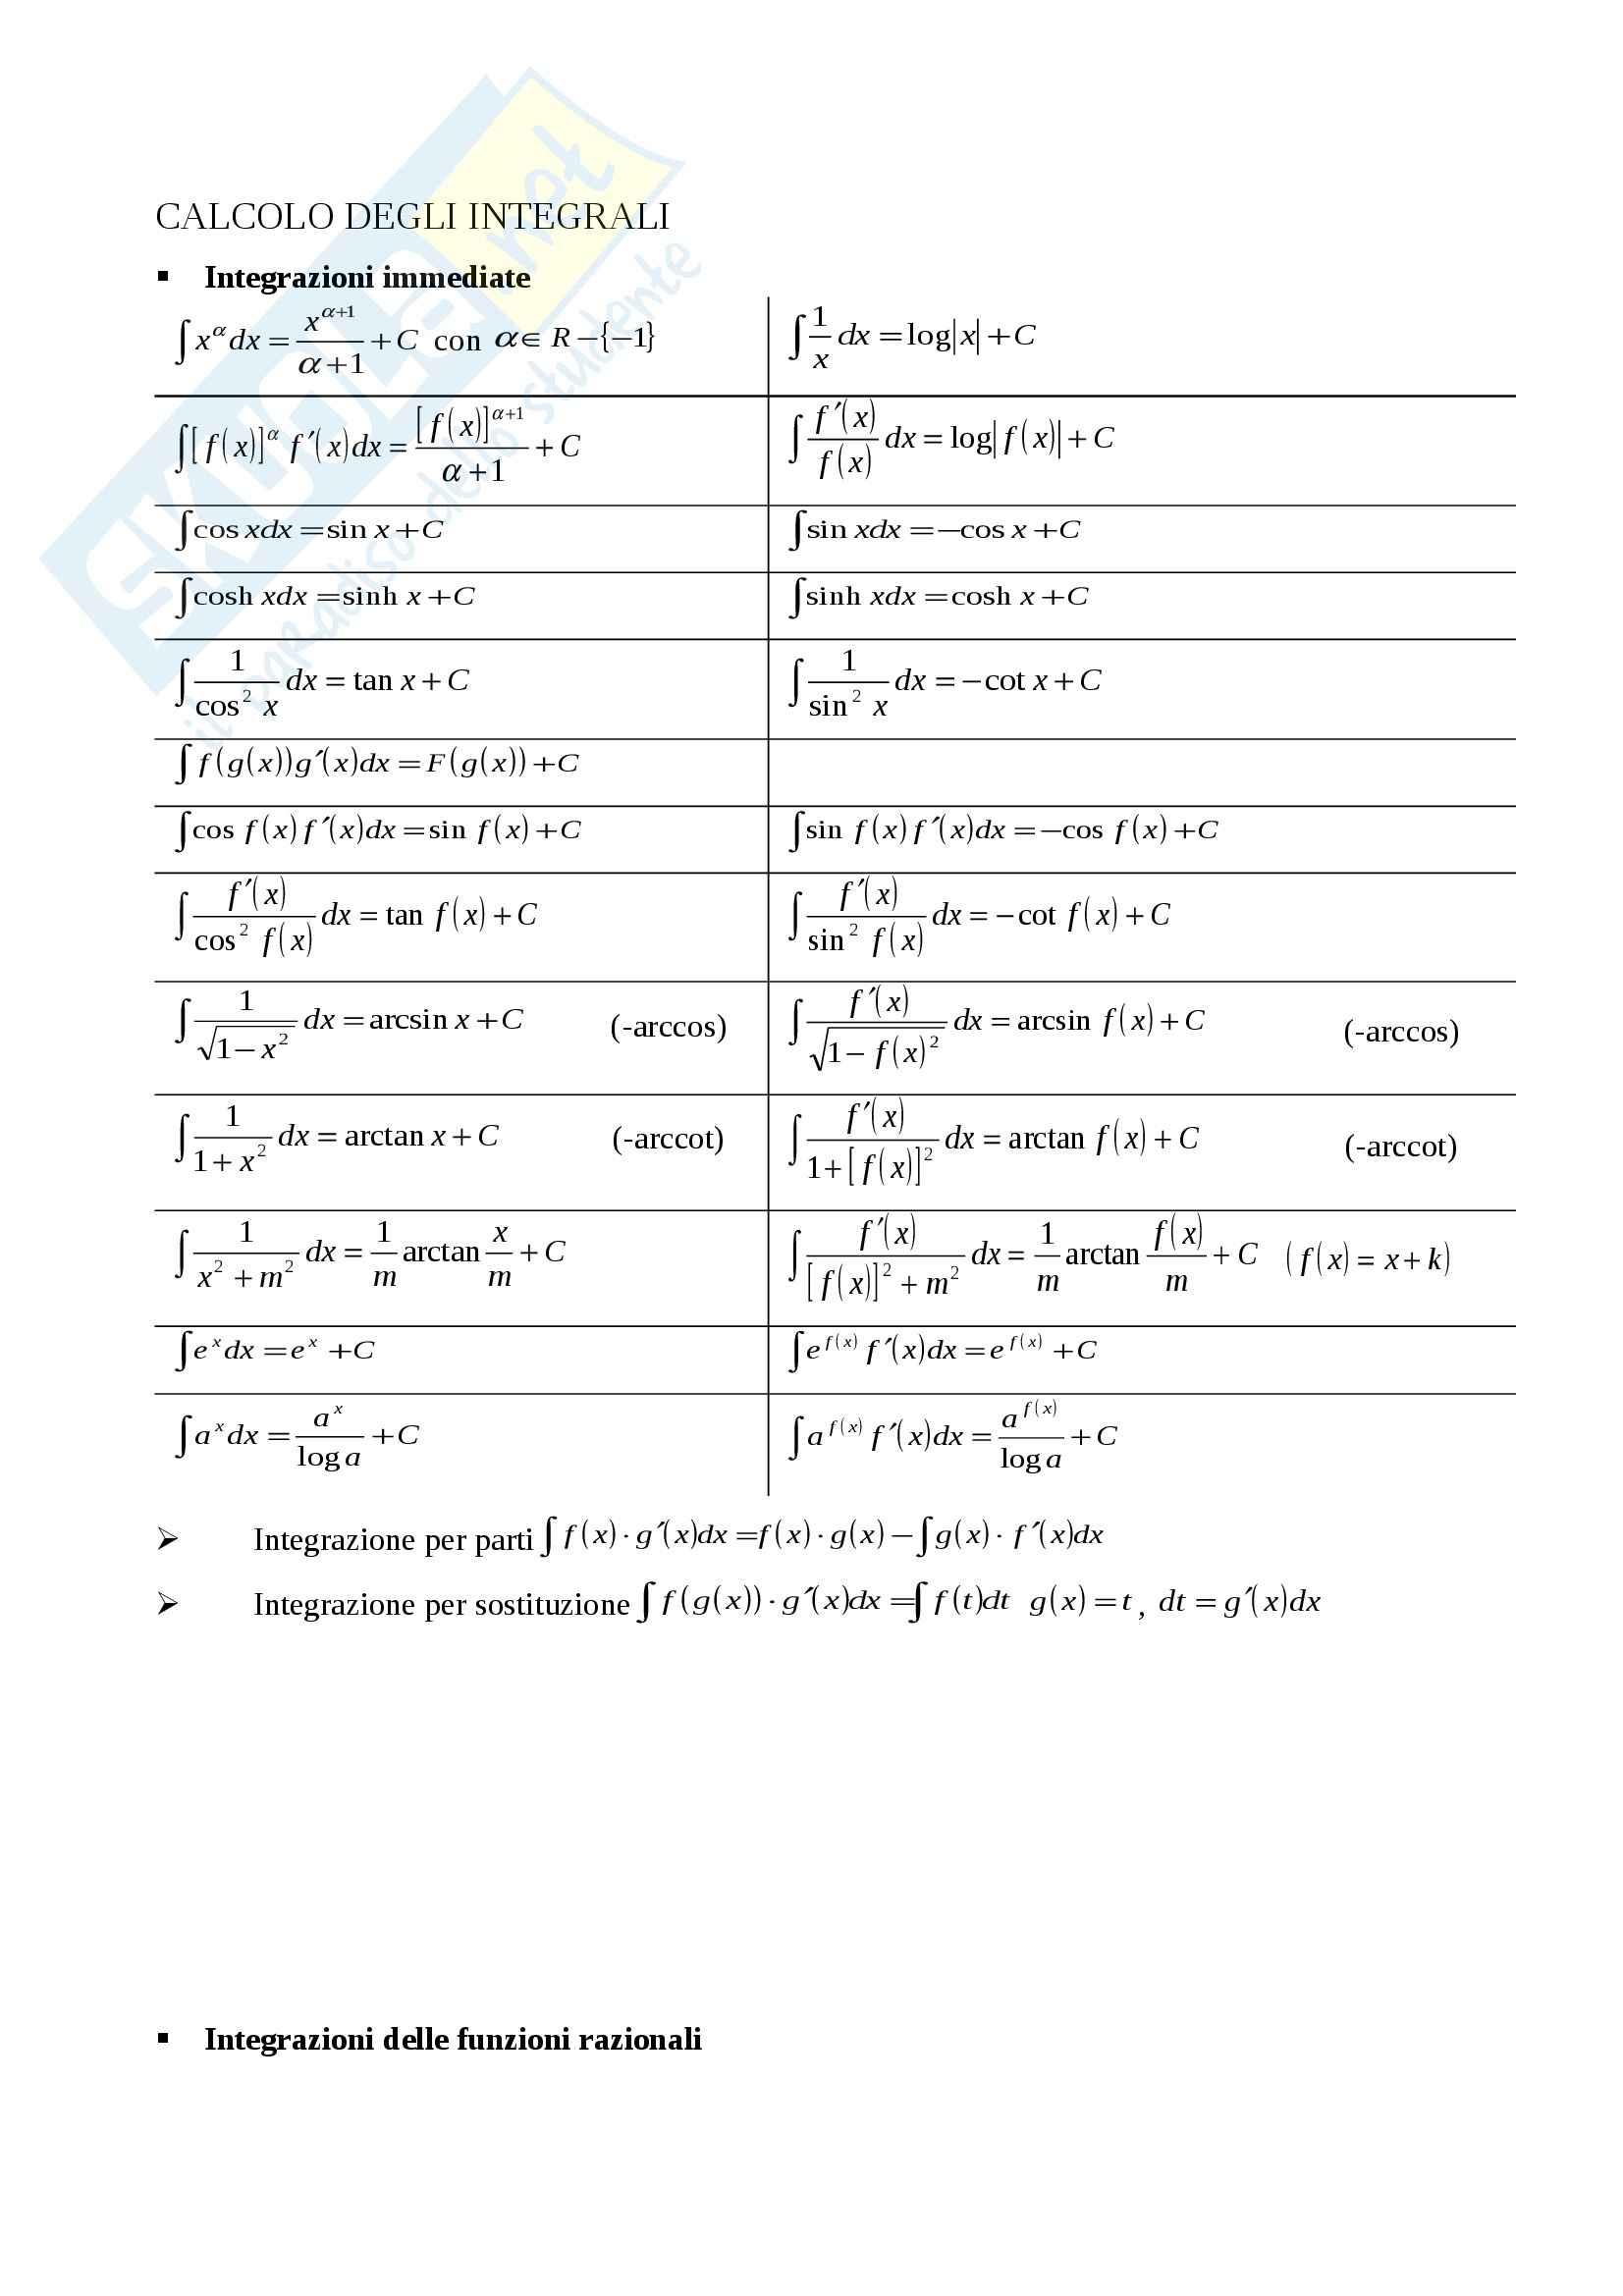 Formulario Calcolo degli Integrali, Analisi matematica I